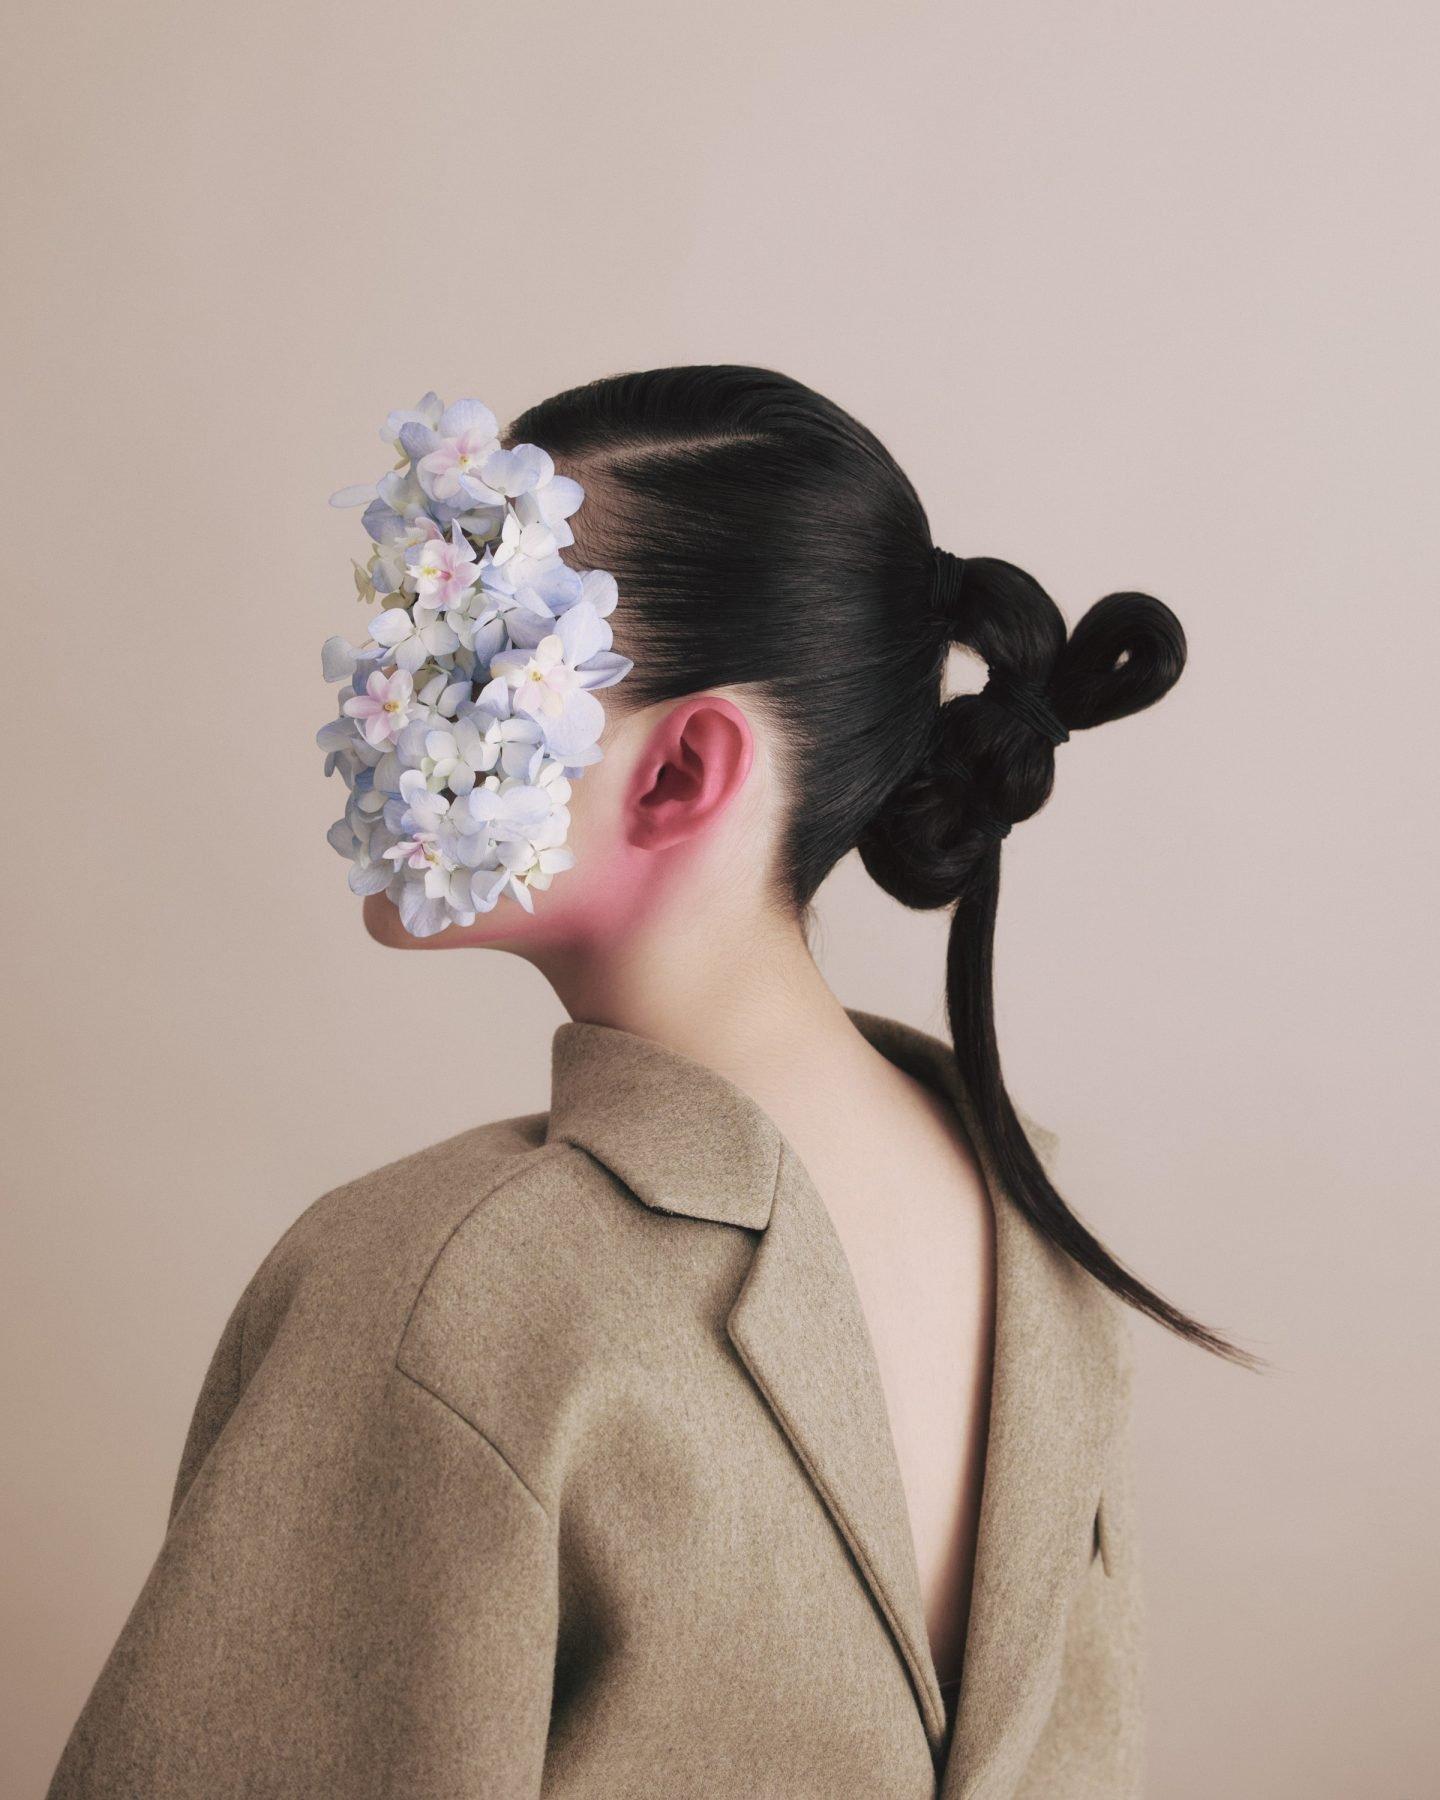 IGNANT-Photography-Zhang-Ahuei-06